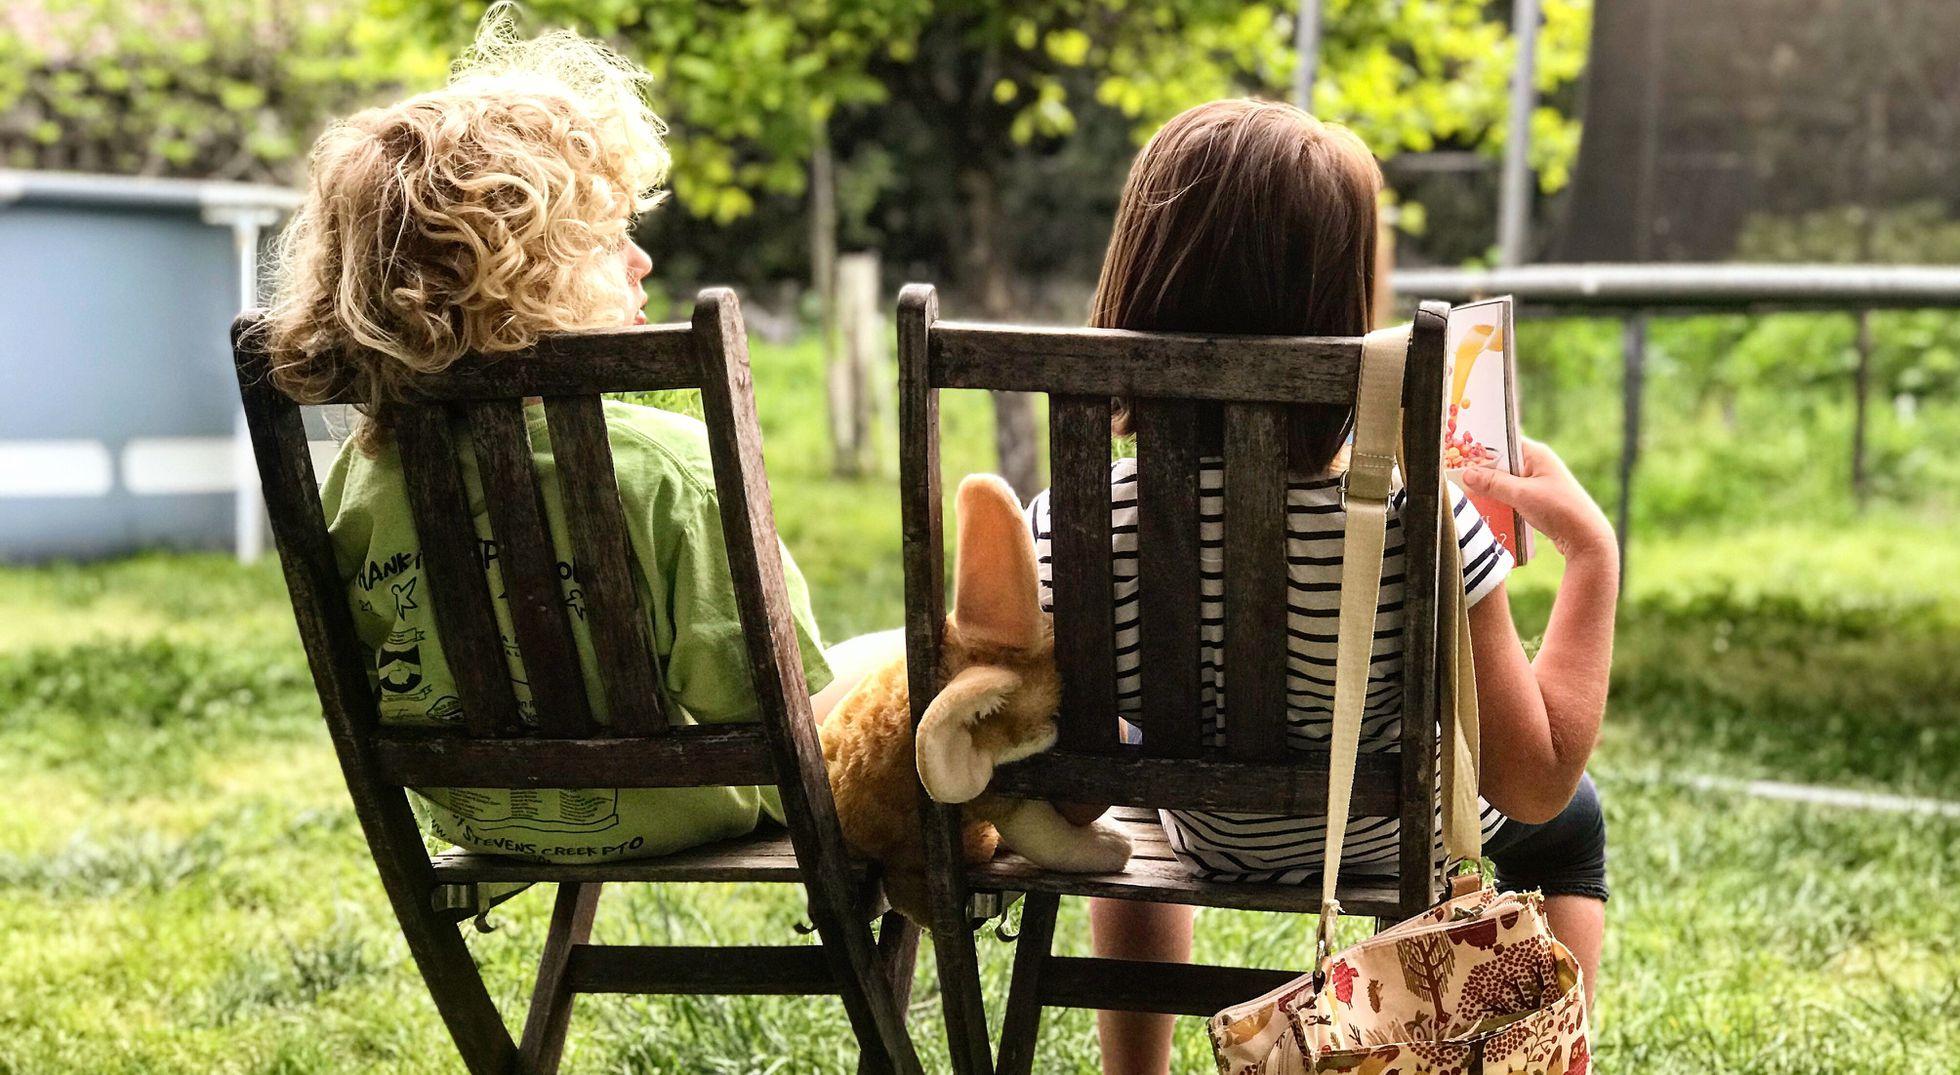 dos niños sentados en sillas en un jardin